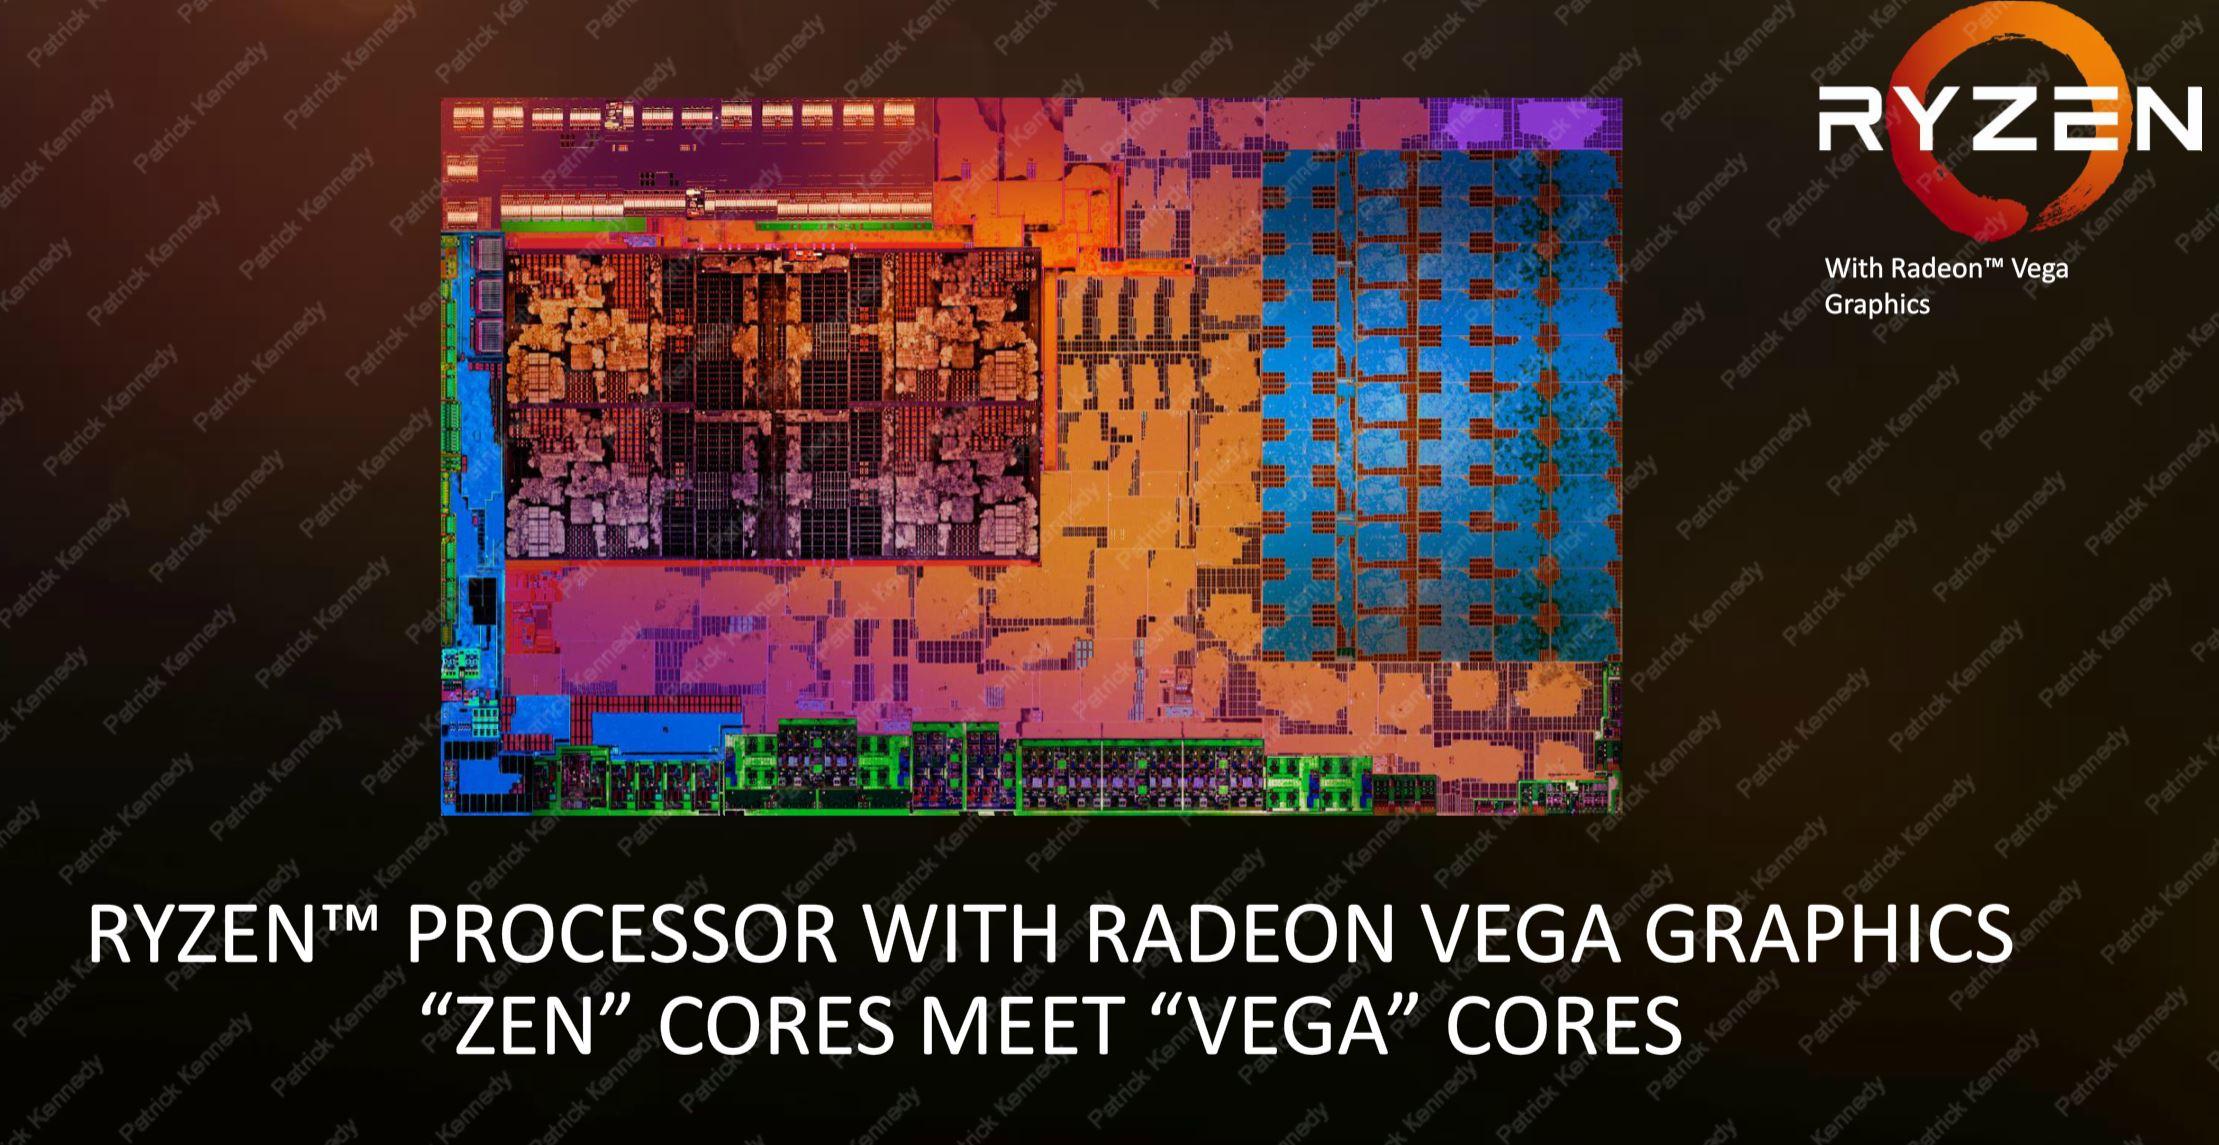 AMD Ryzen Mobile Zen Plus Vega Cores